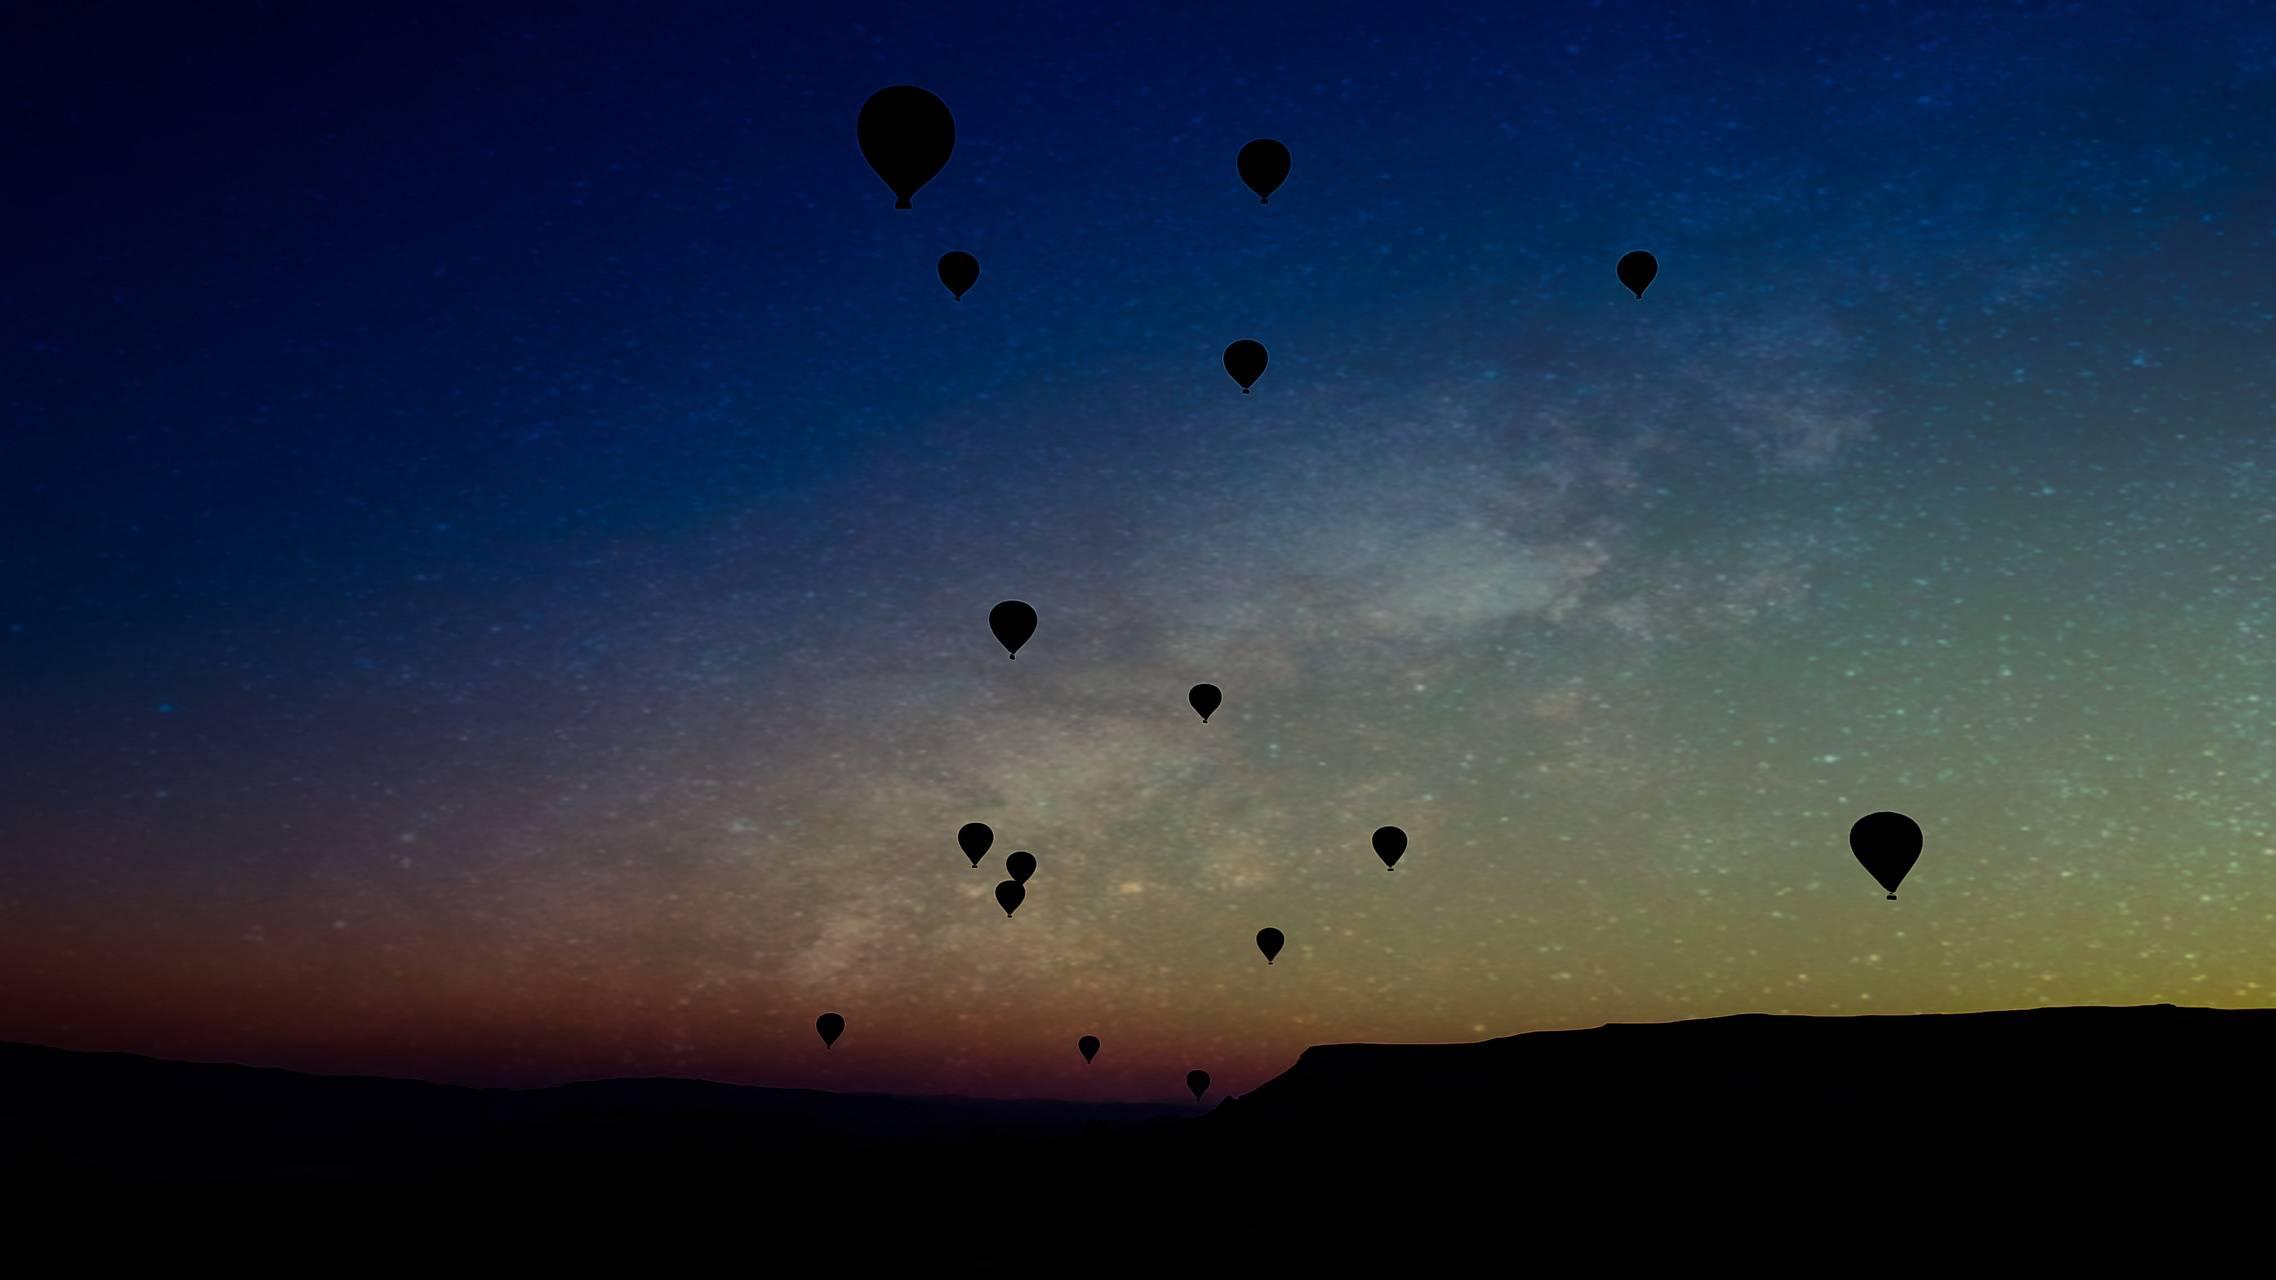 Midnight balloon